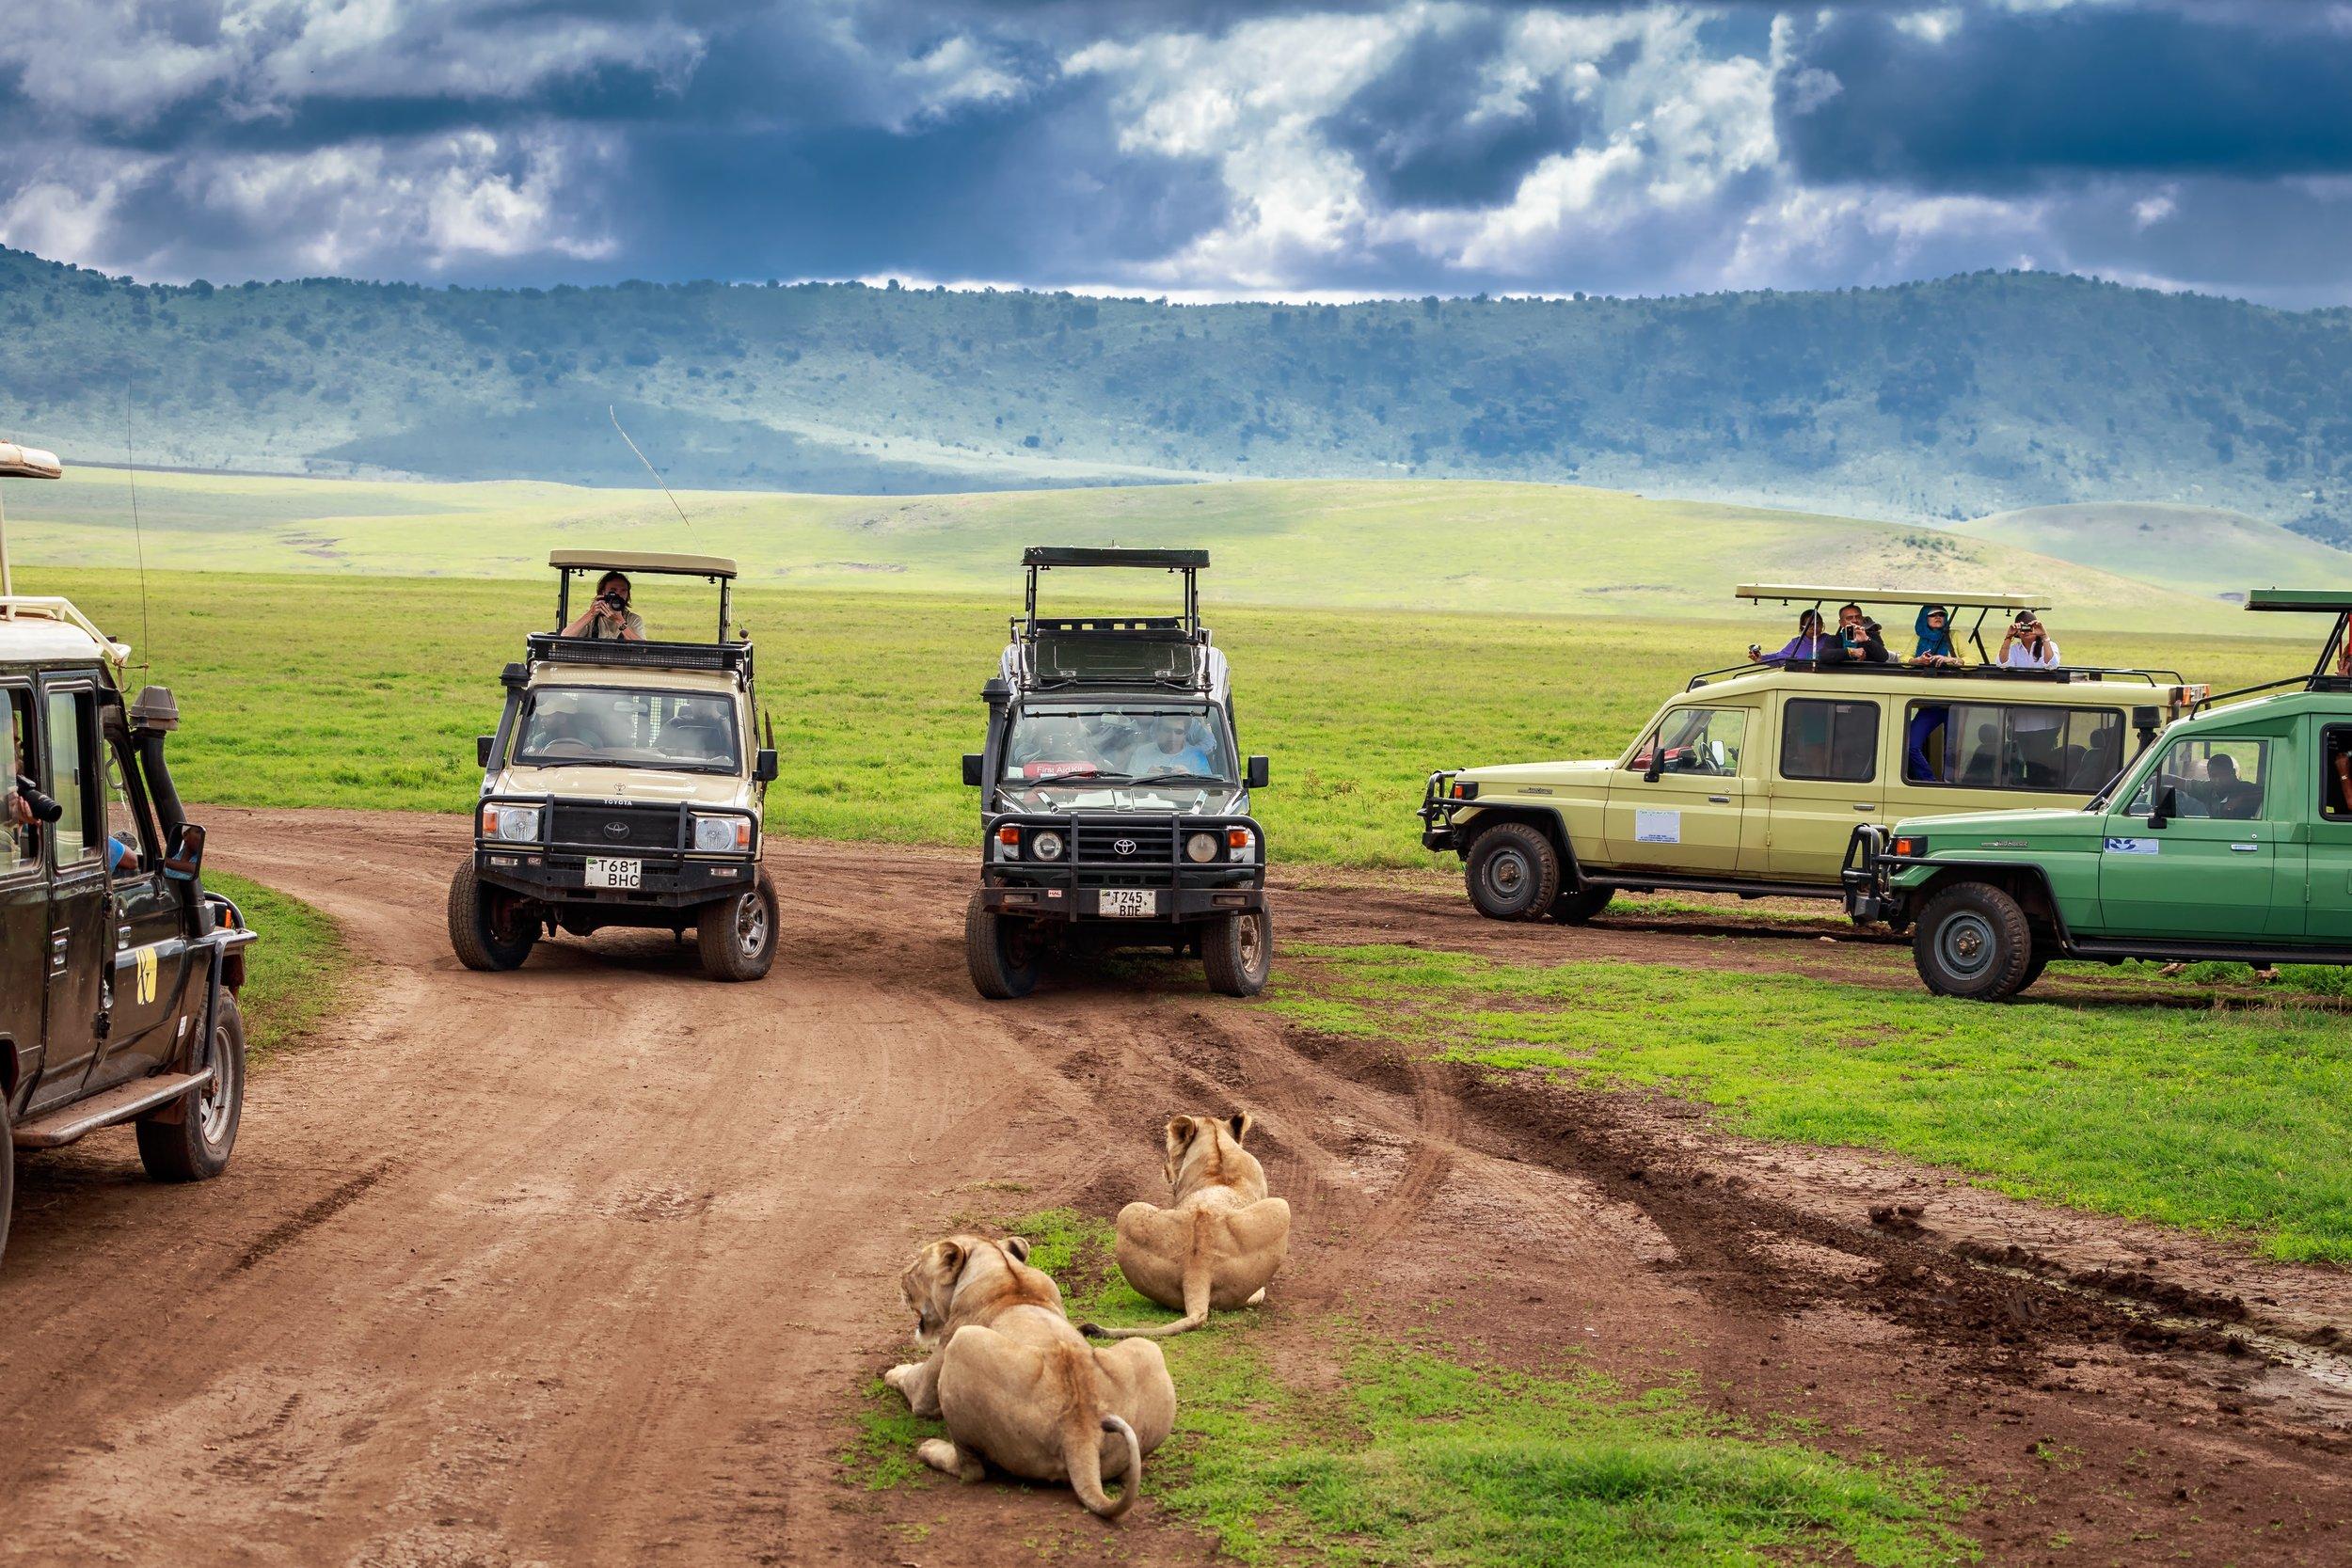 Photo credit: Kanokrat Tawokhat & Above Safaris